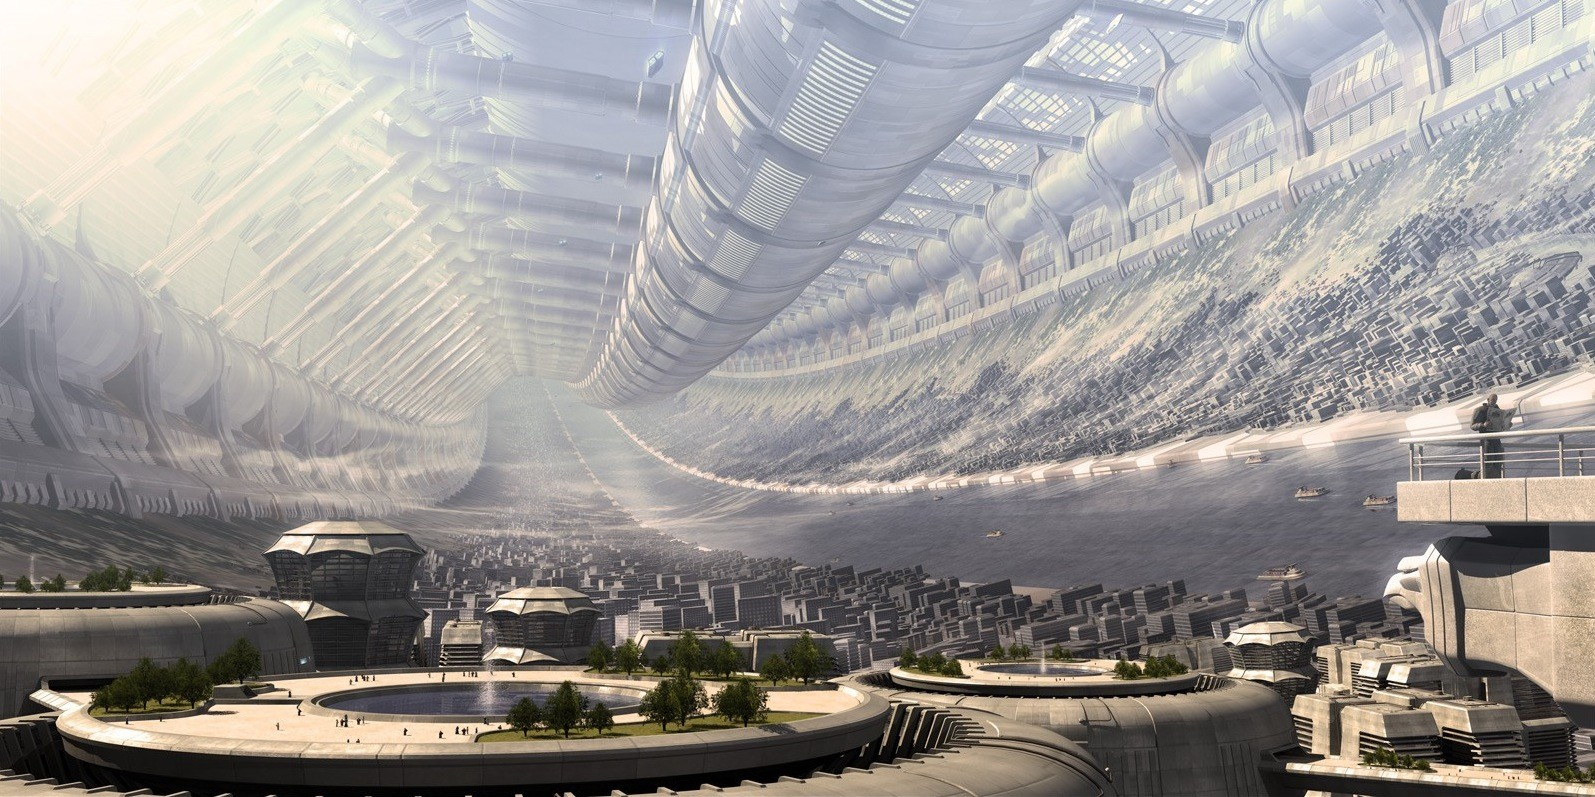 La ville de demain sera souterraine, Singapour bosse déjà dessus (enfin dessous)